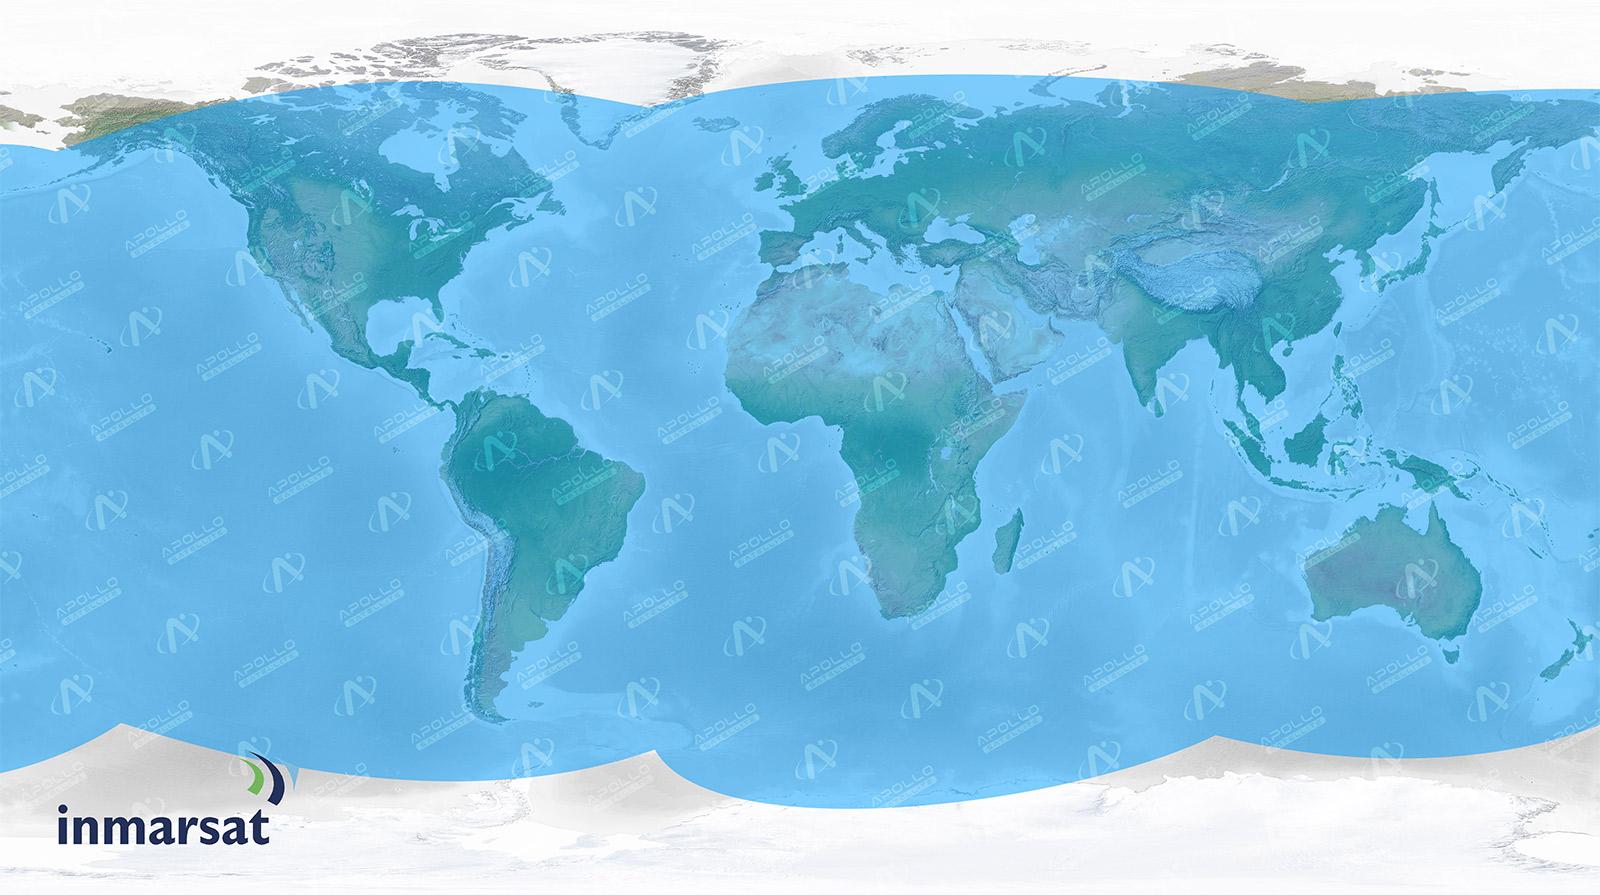 Inmarsat Satellite Coverage Map - Apollo Satellite